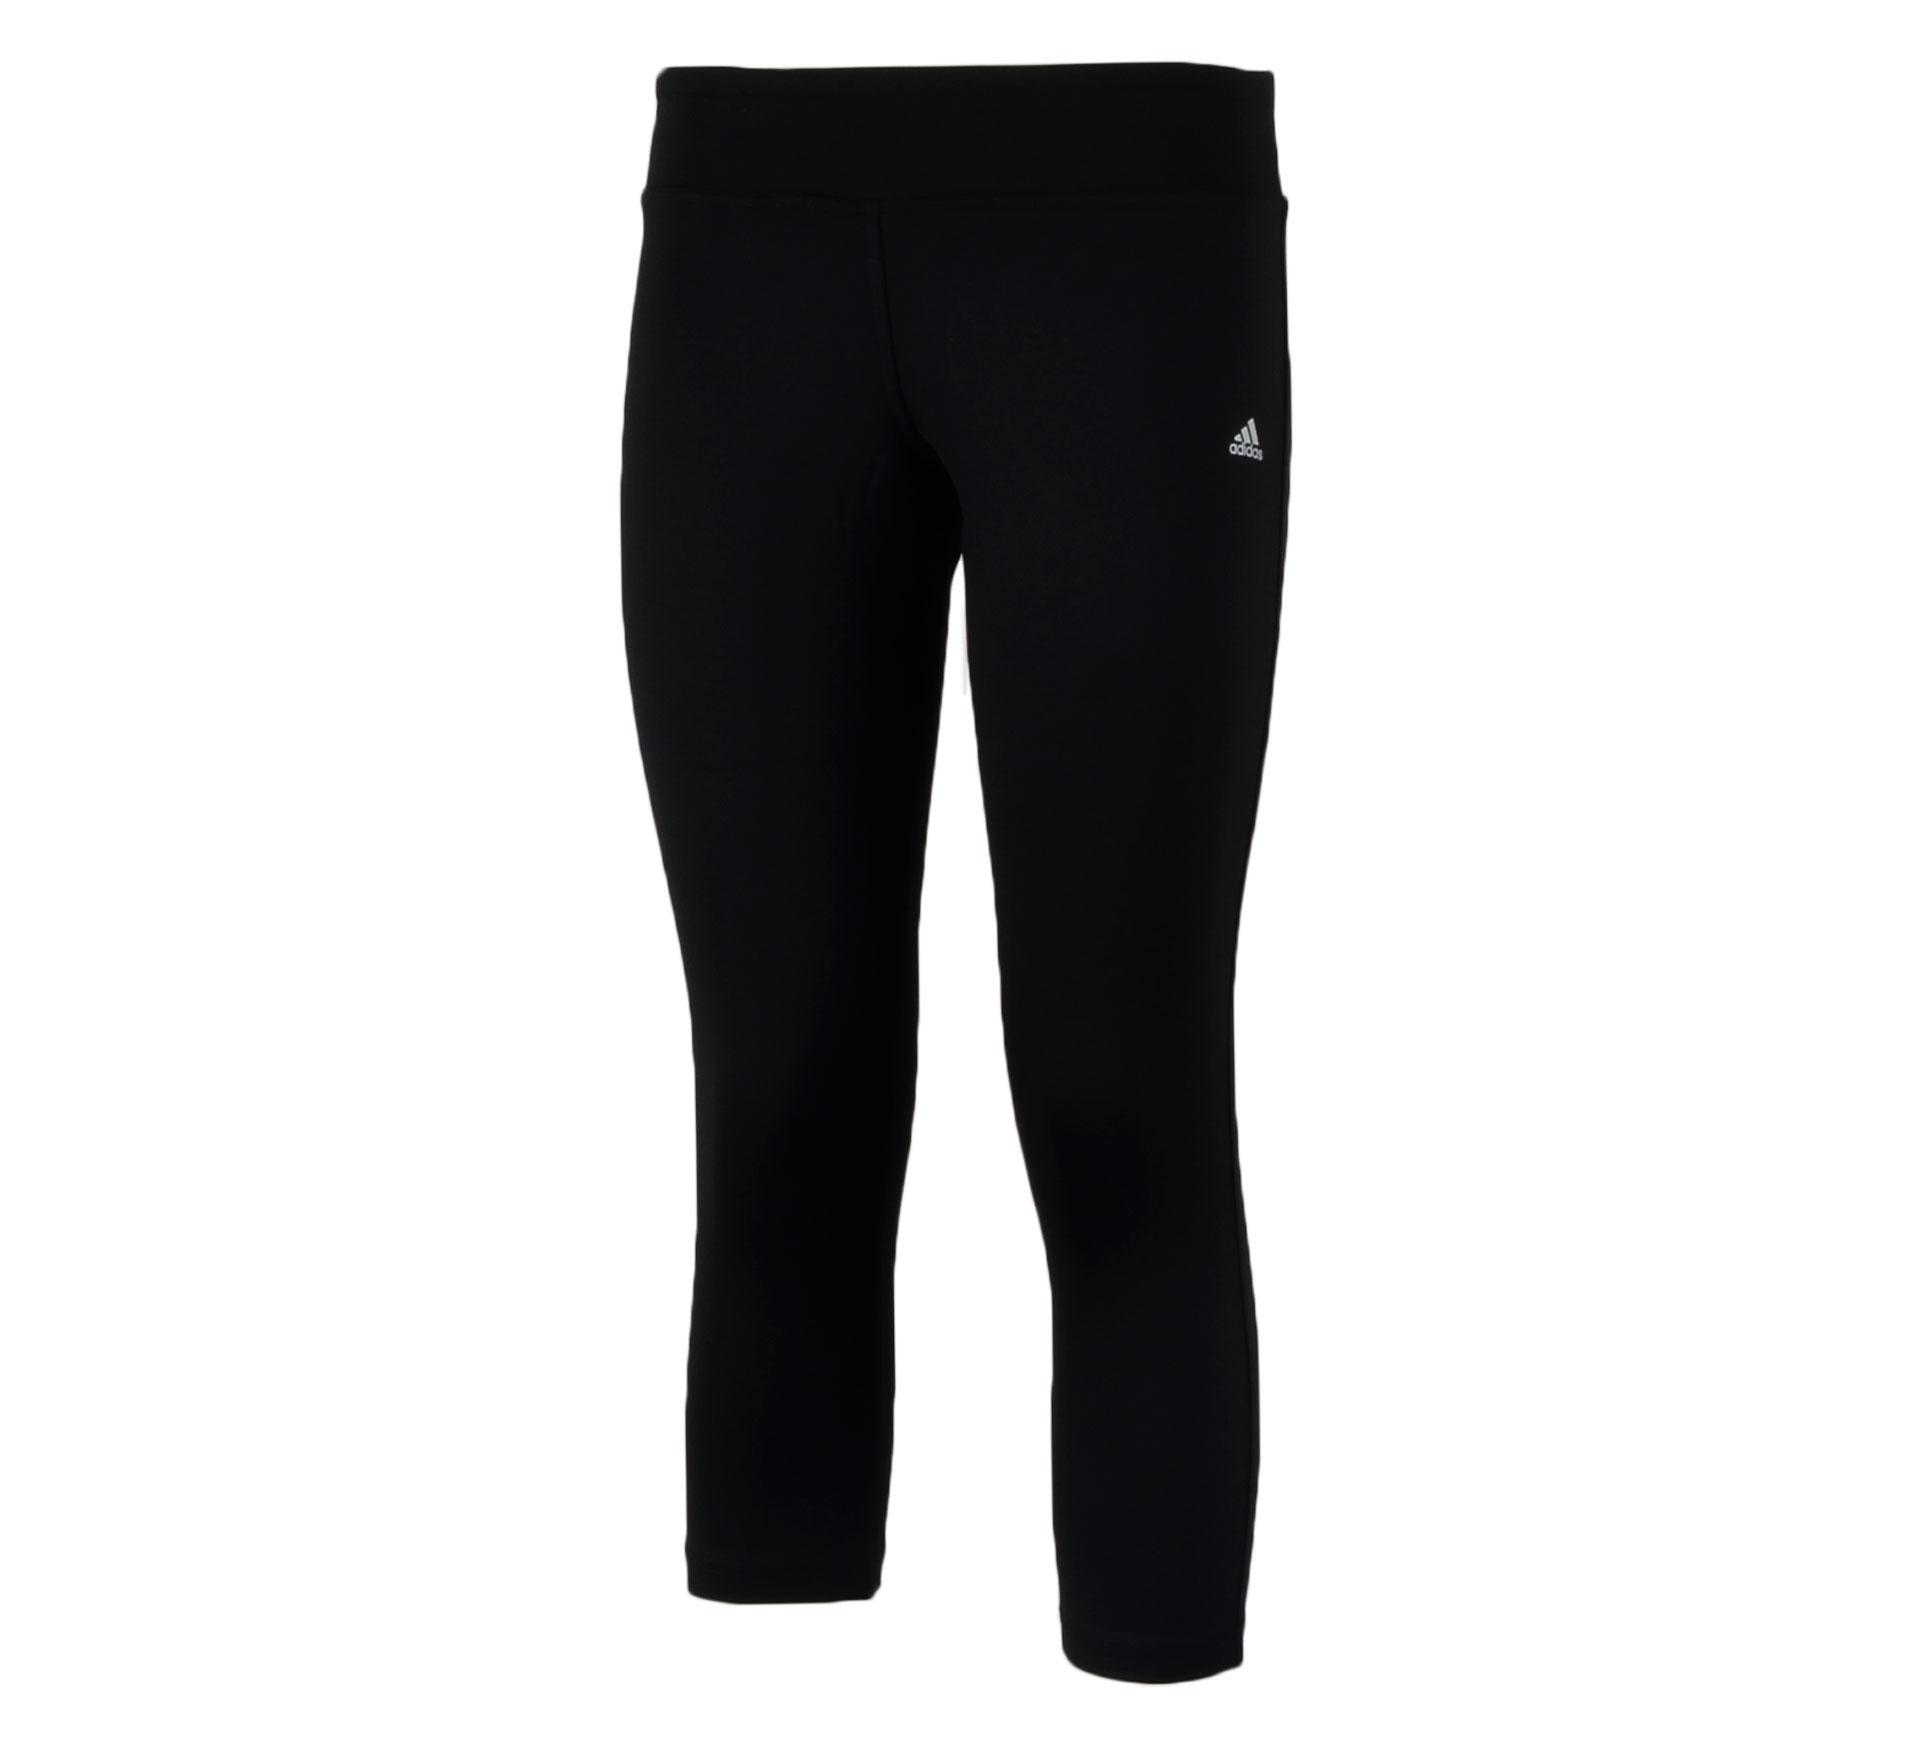 Adidas  Clima Essentials 3/4 Broek Dames zwart